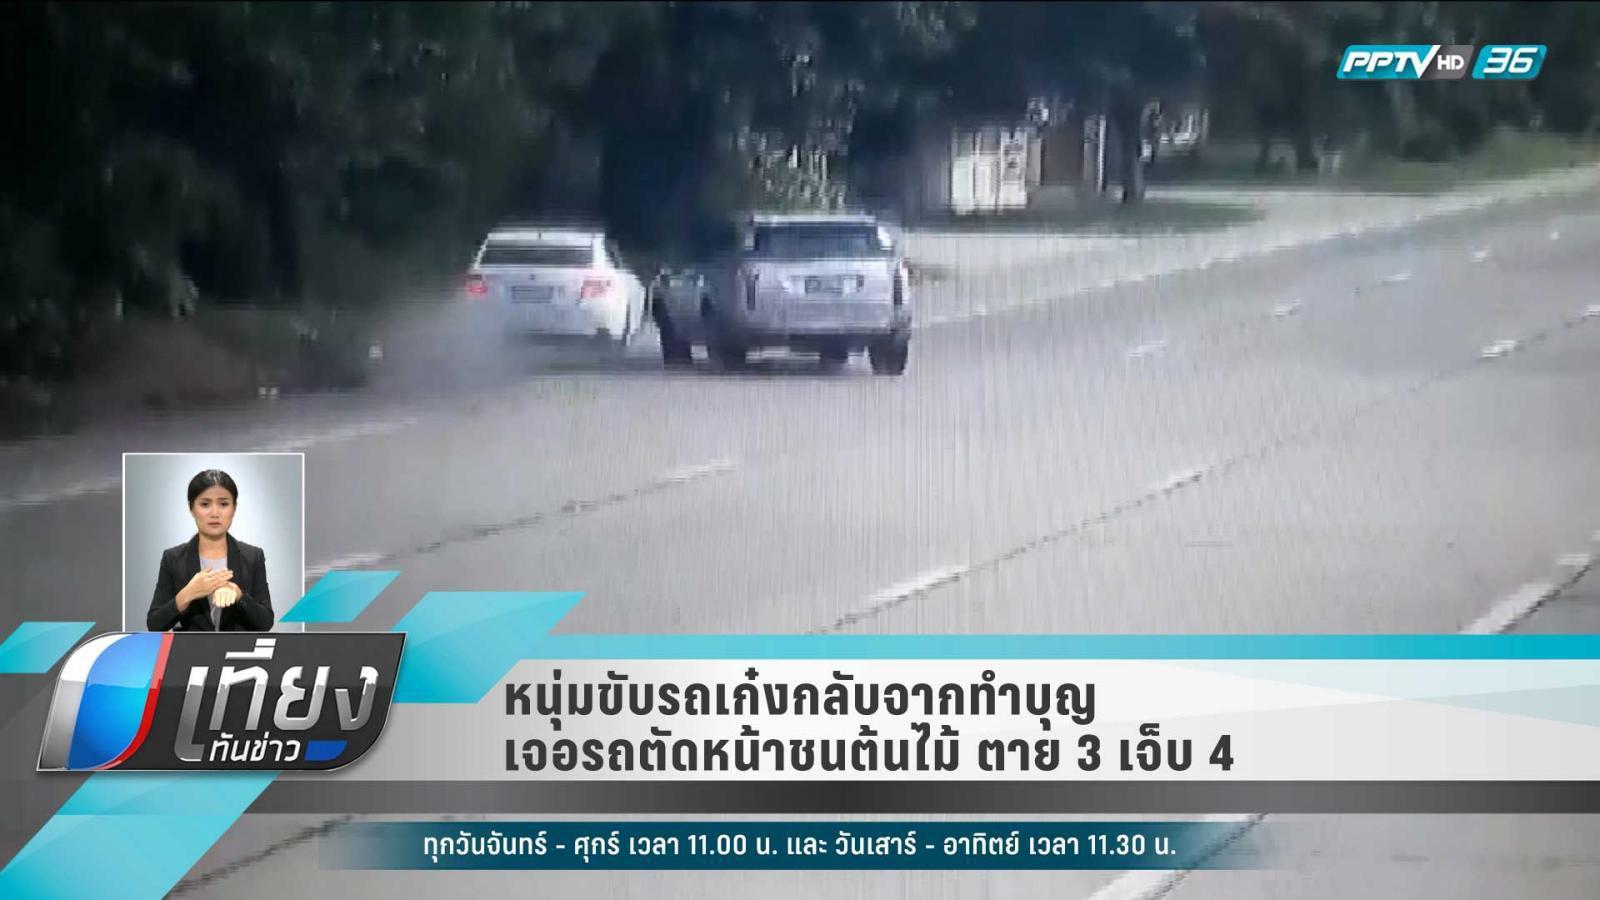 หนุ่มขับรถเก๋งกลับจากทำบุญเจอรถตัดหน้าชนต้นไม้ ตาย 3  คน เจ็บ 4 คน